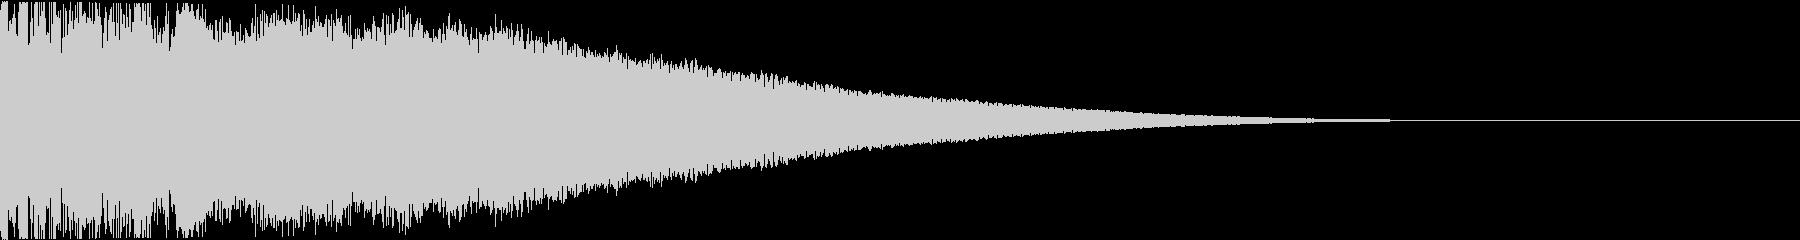 ピキーン:当たり・衝撃・ヒットbの未再生の波形